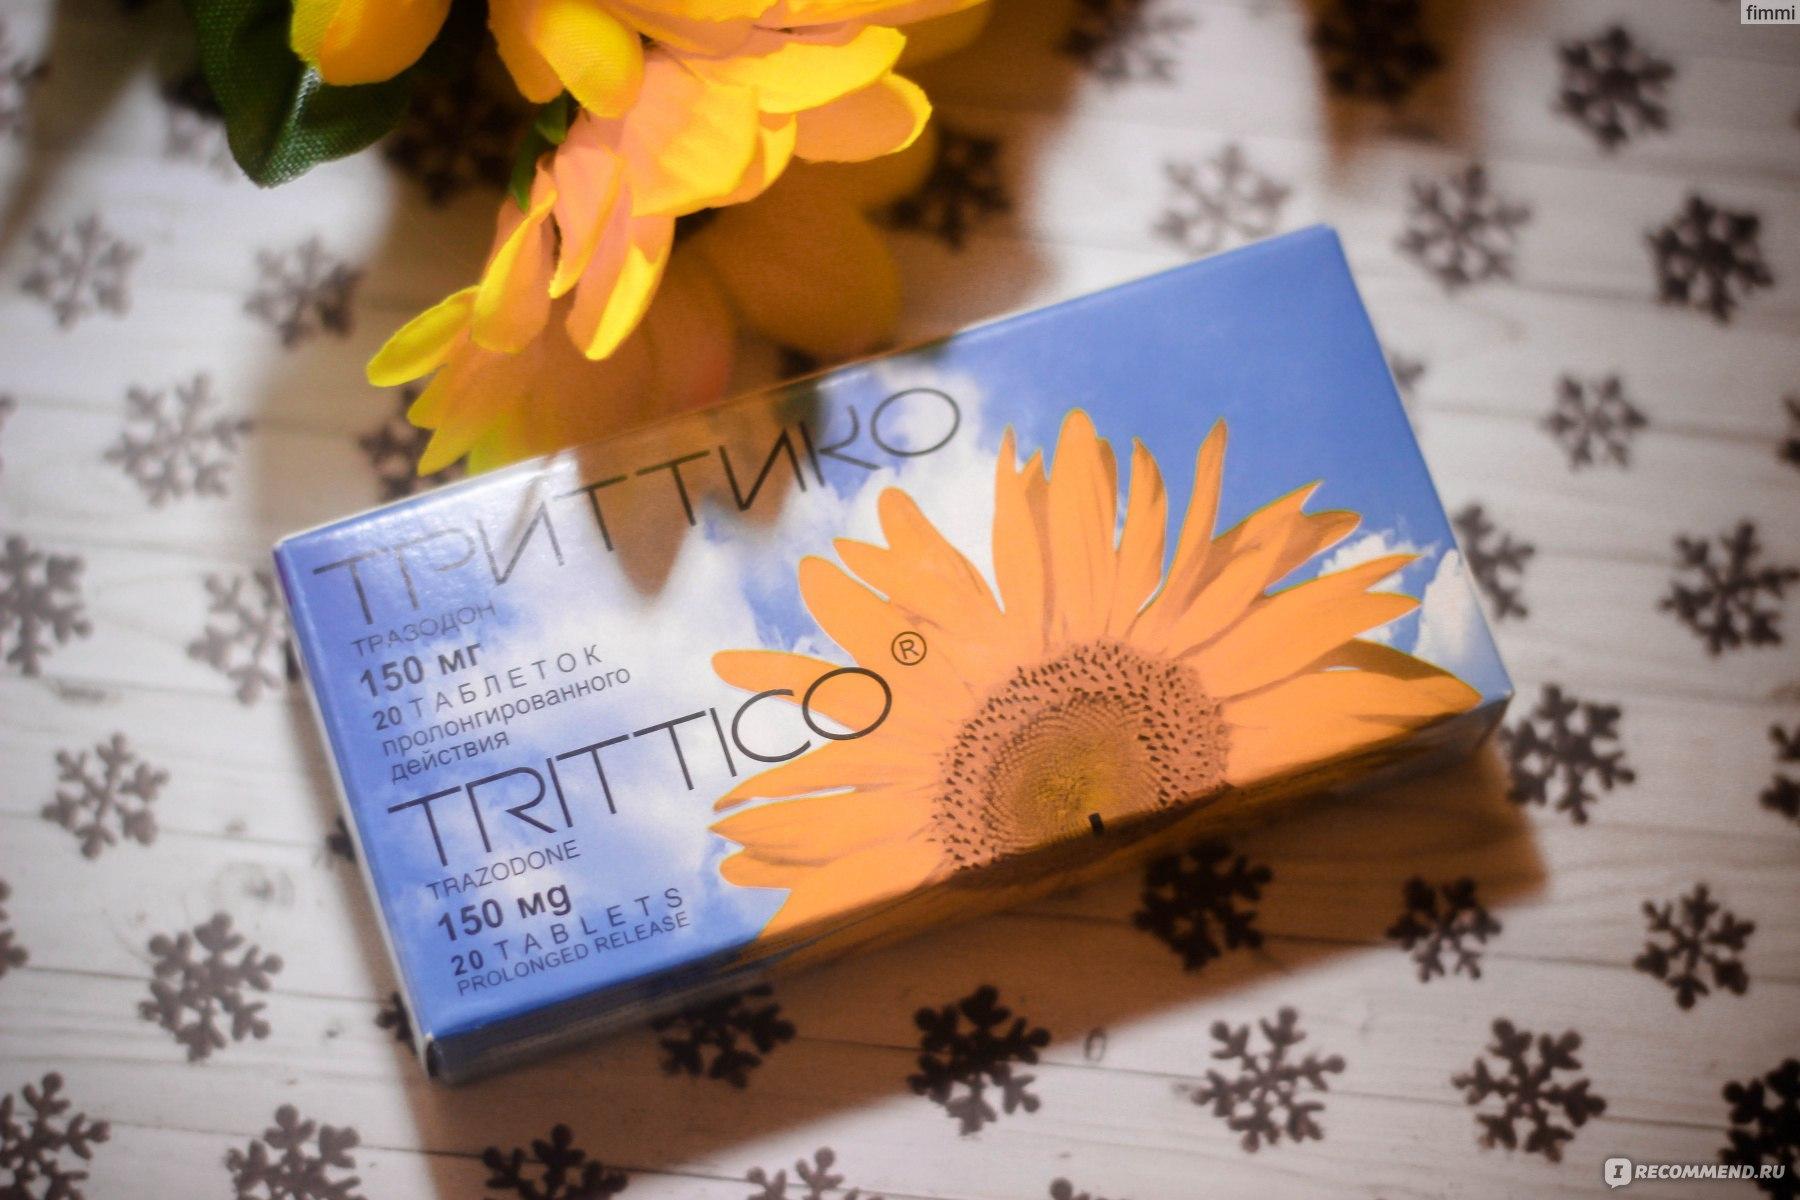 Триттико: инструкция по применению и для чего он нужен, цена, отзывы, аналоги